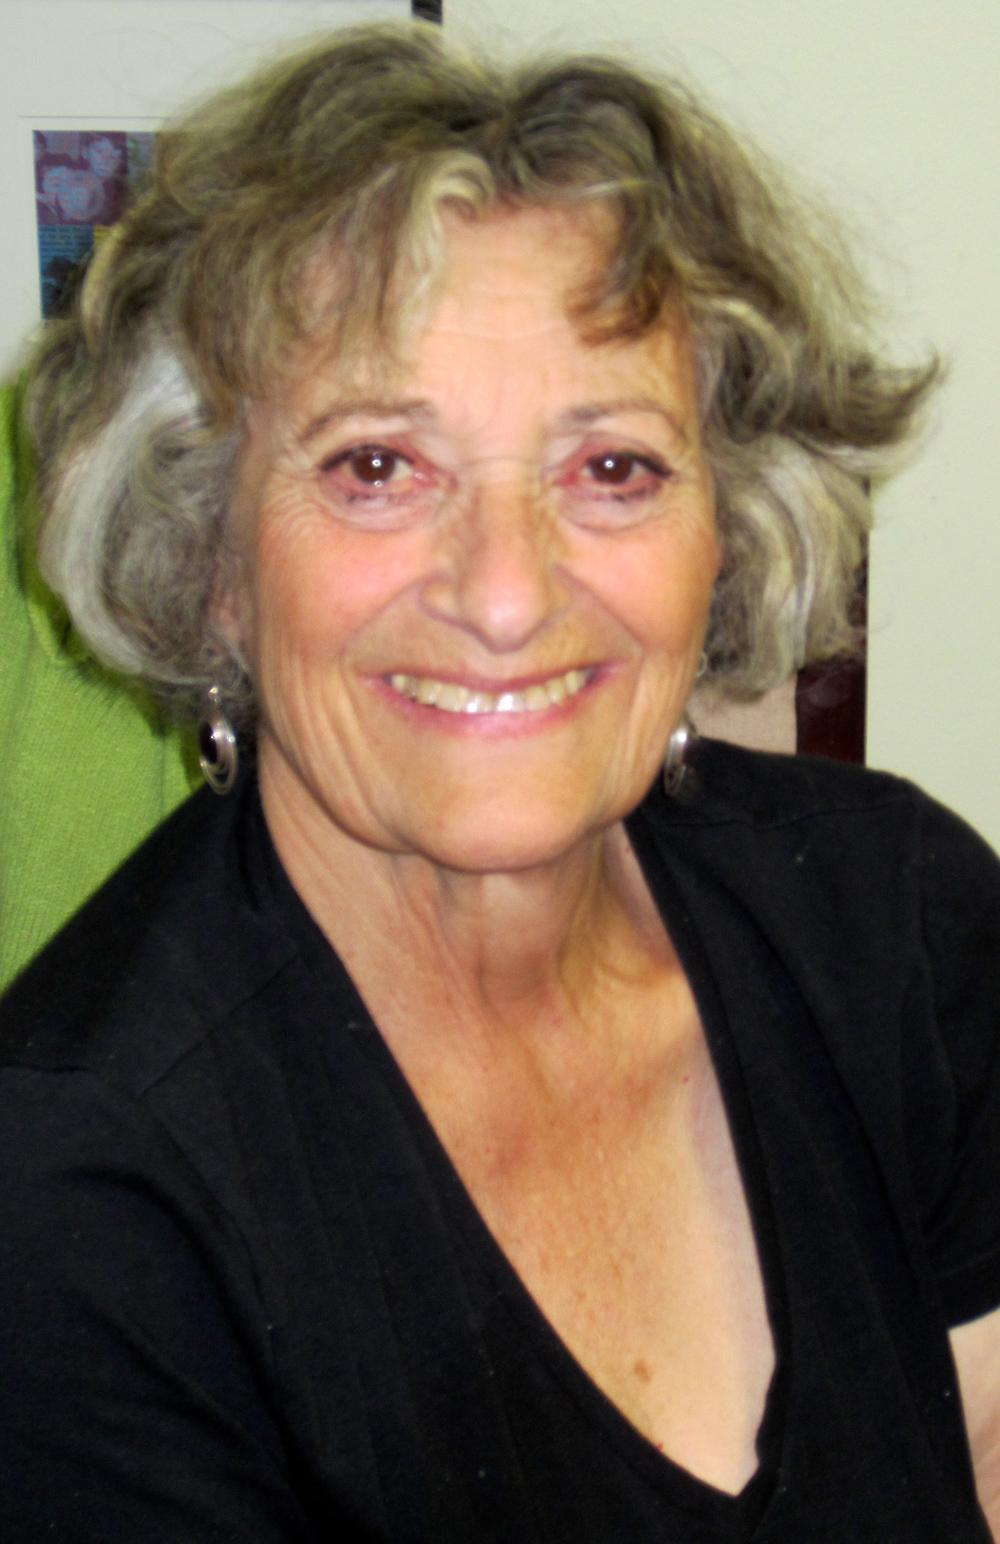 Jonathan's wife, Marsha.